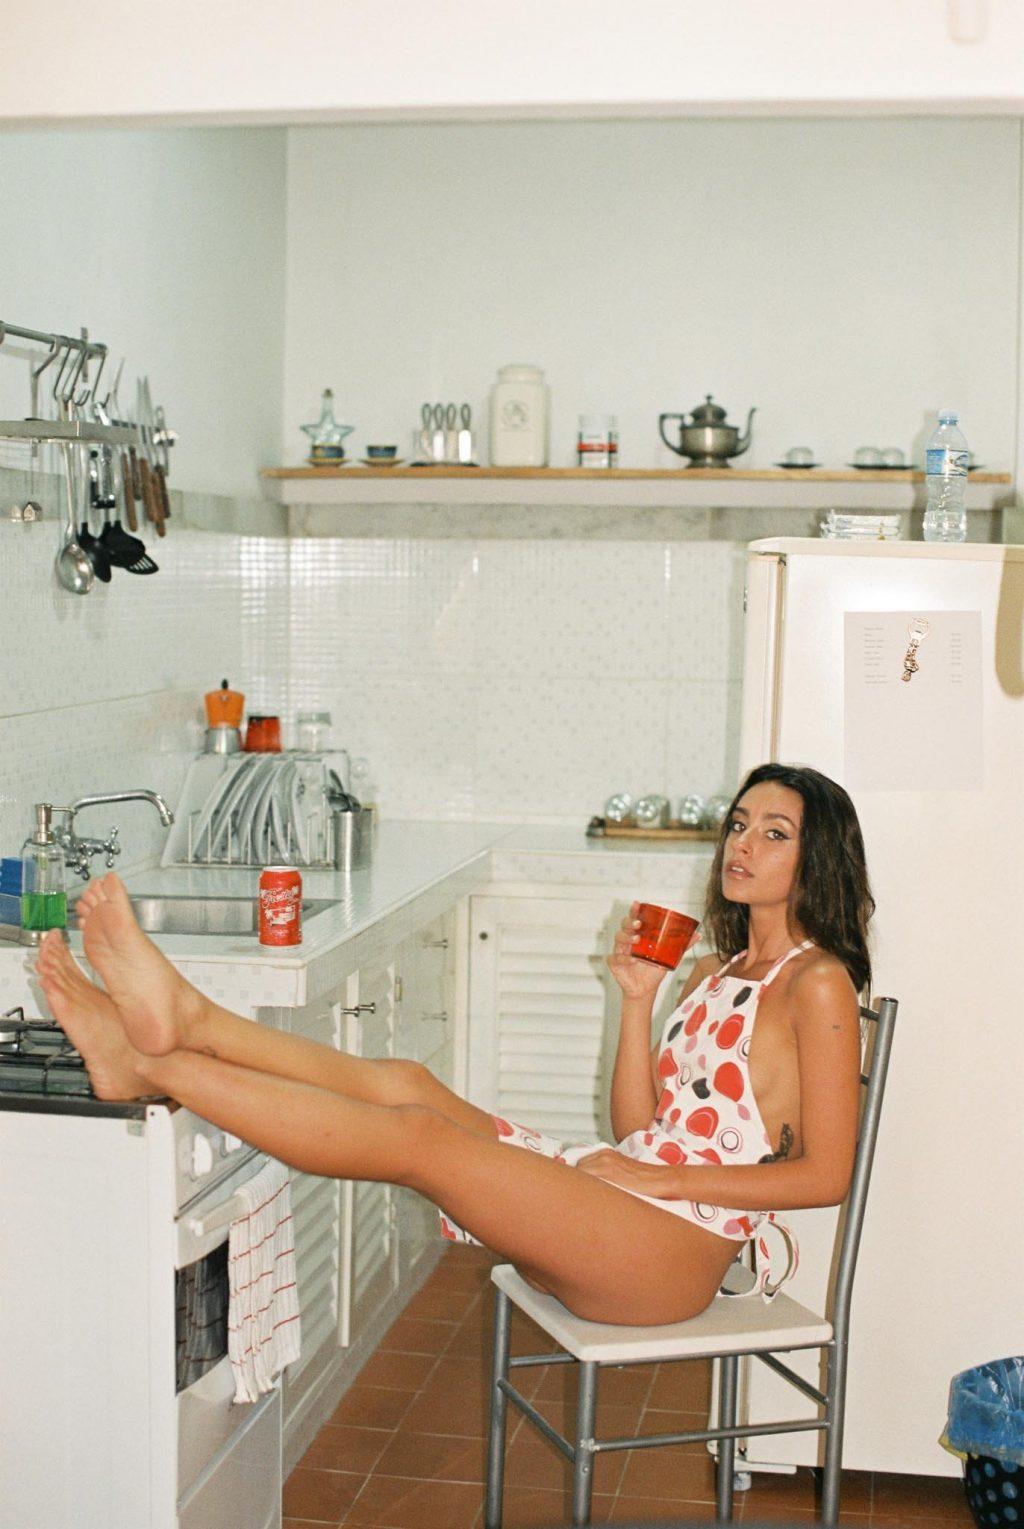 Carla Guetta Nude (10 Photos)